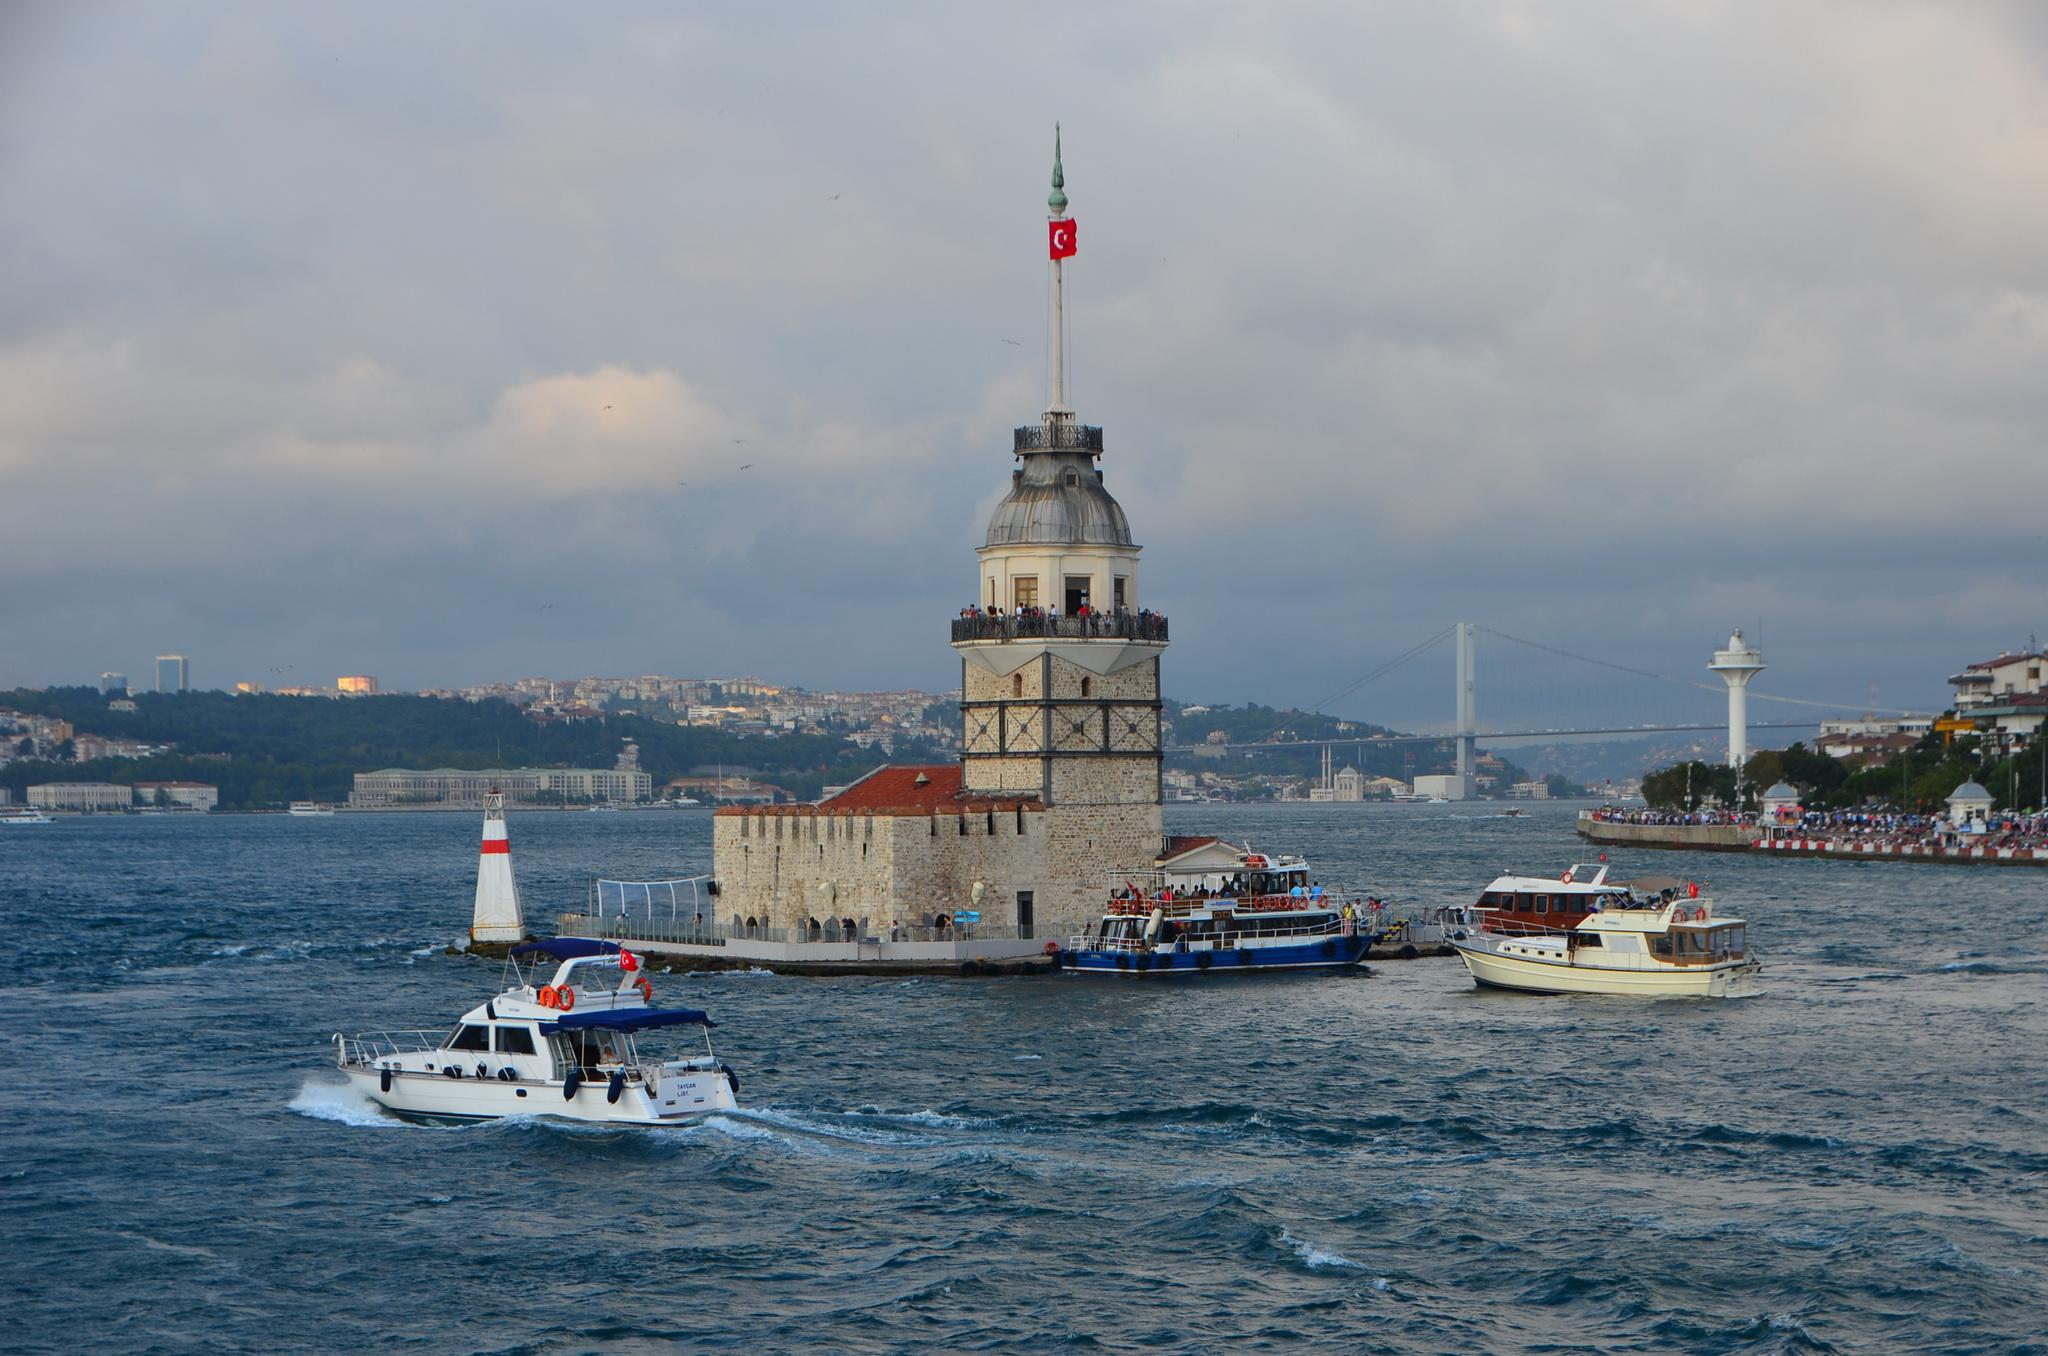 Maják Kiz Kulesi